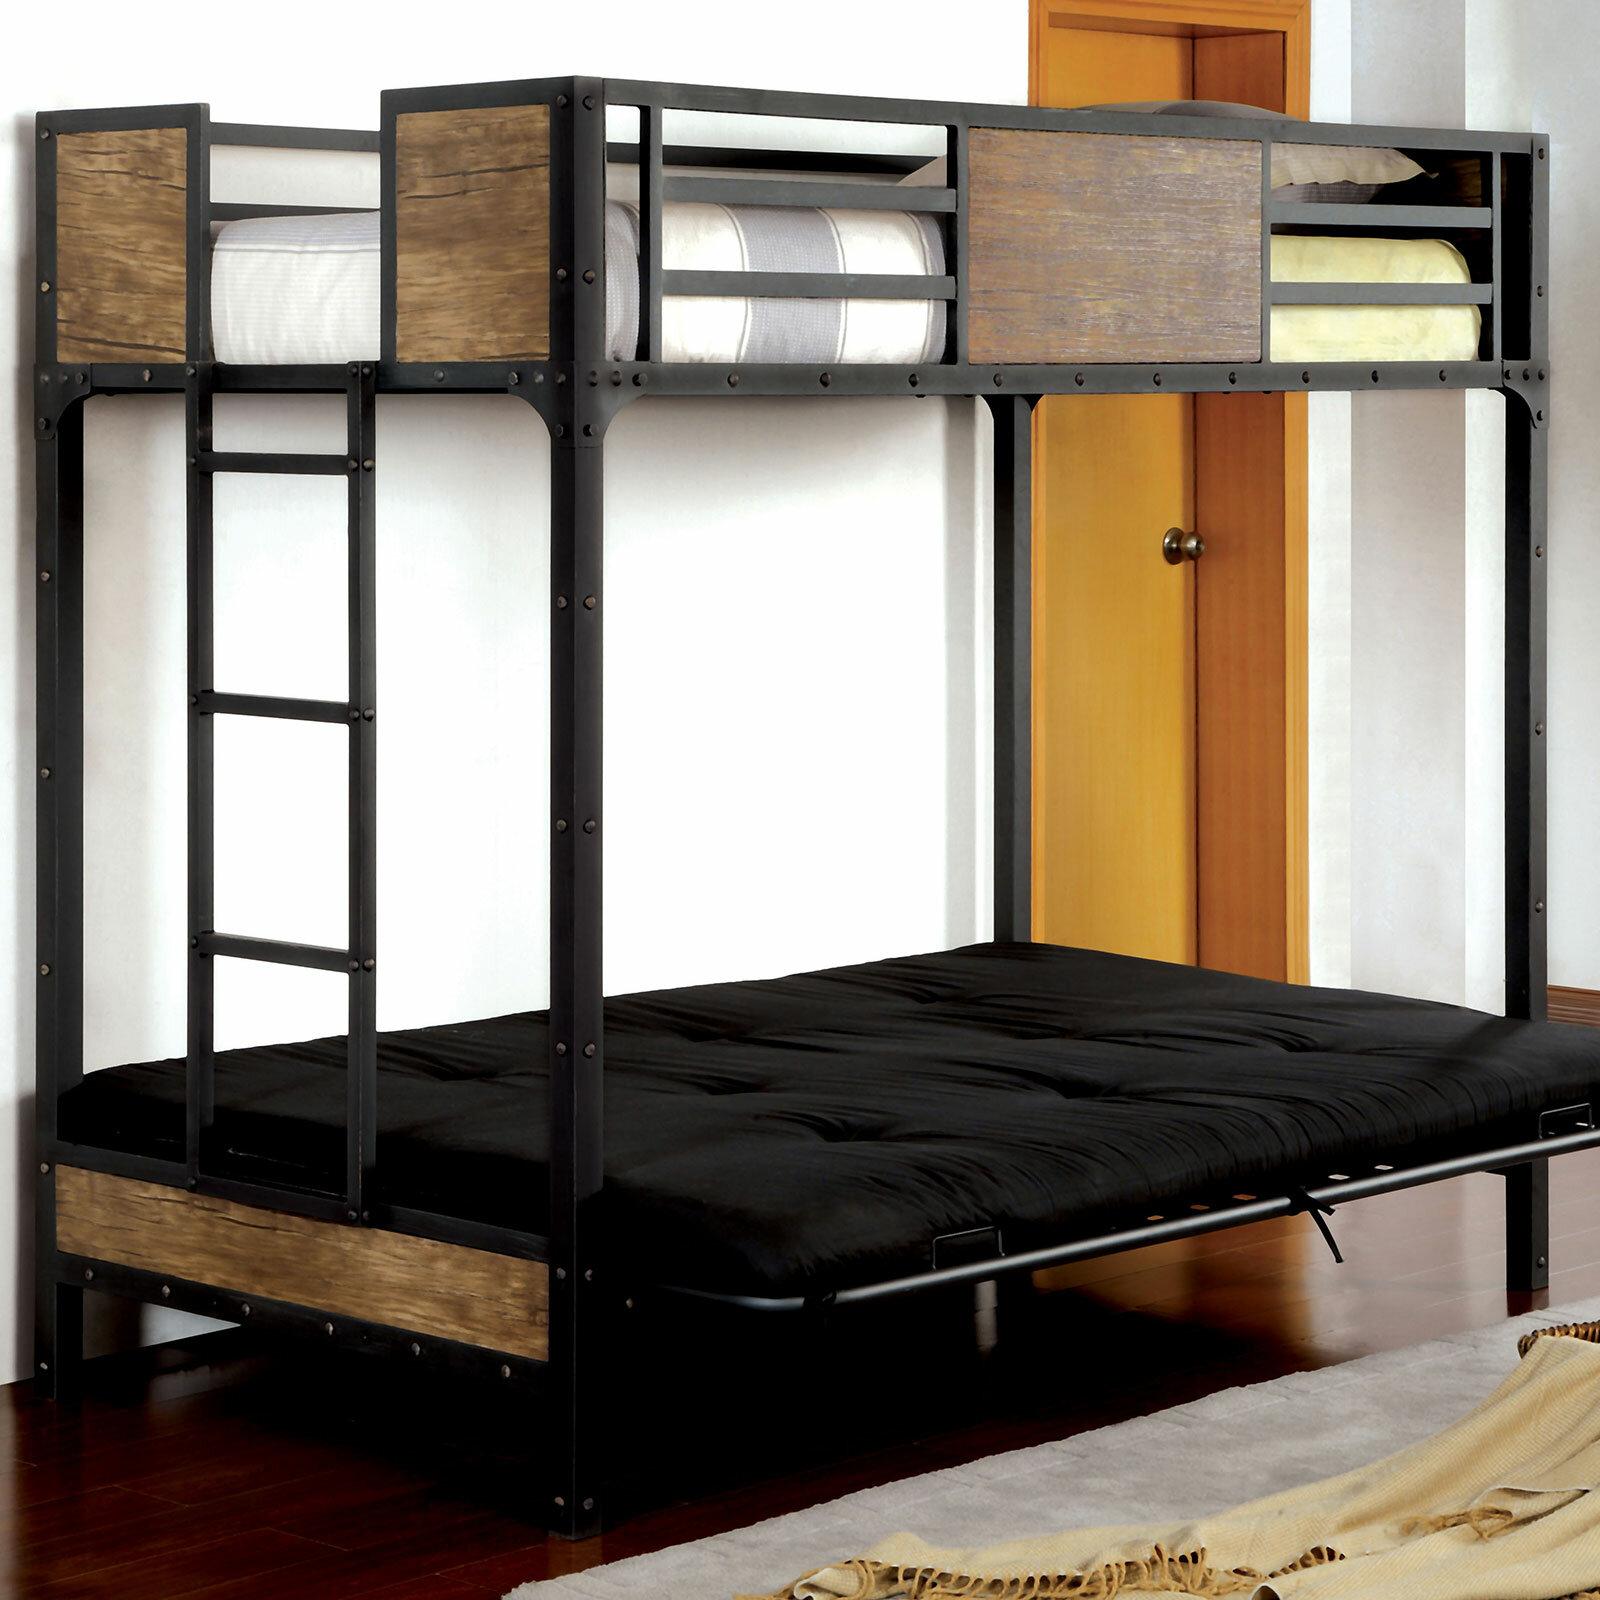 Harriet Bee Espanola Twin Solid Wood Futon Bunk Bed By Harriet Bee Wayfair